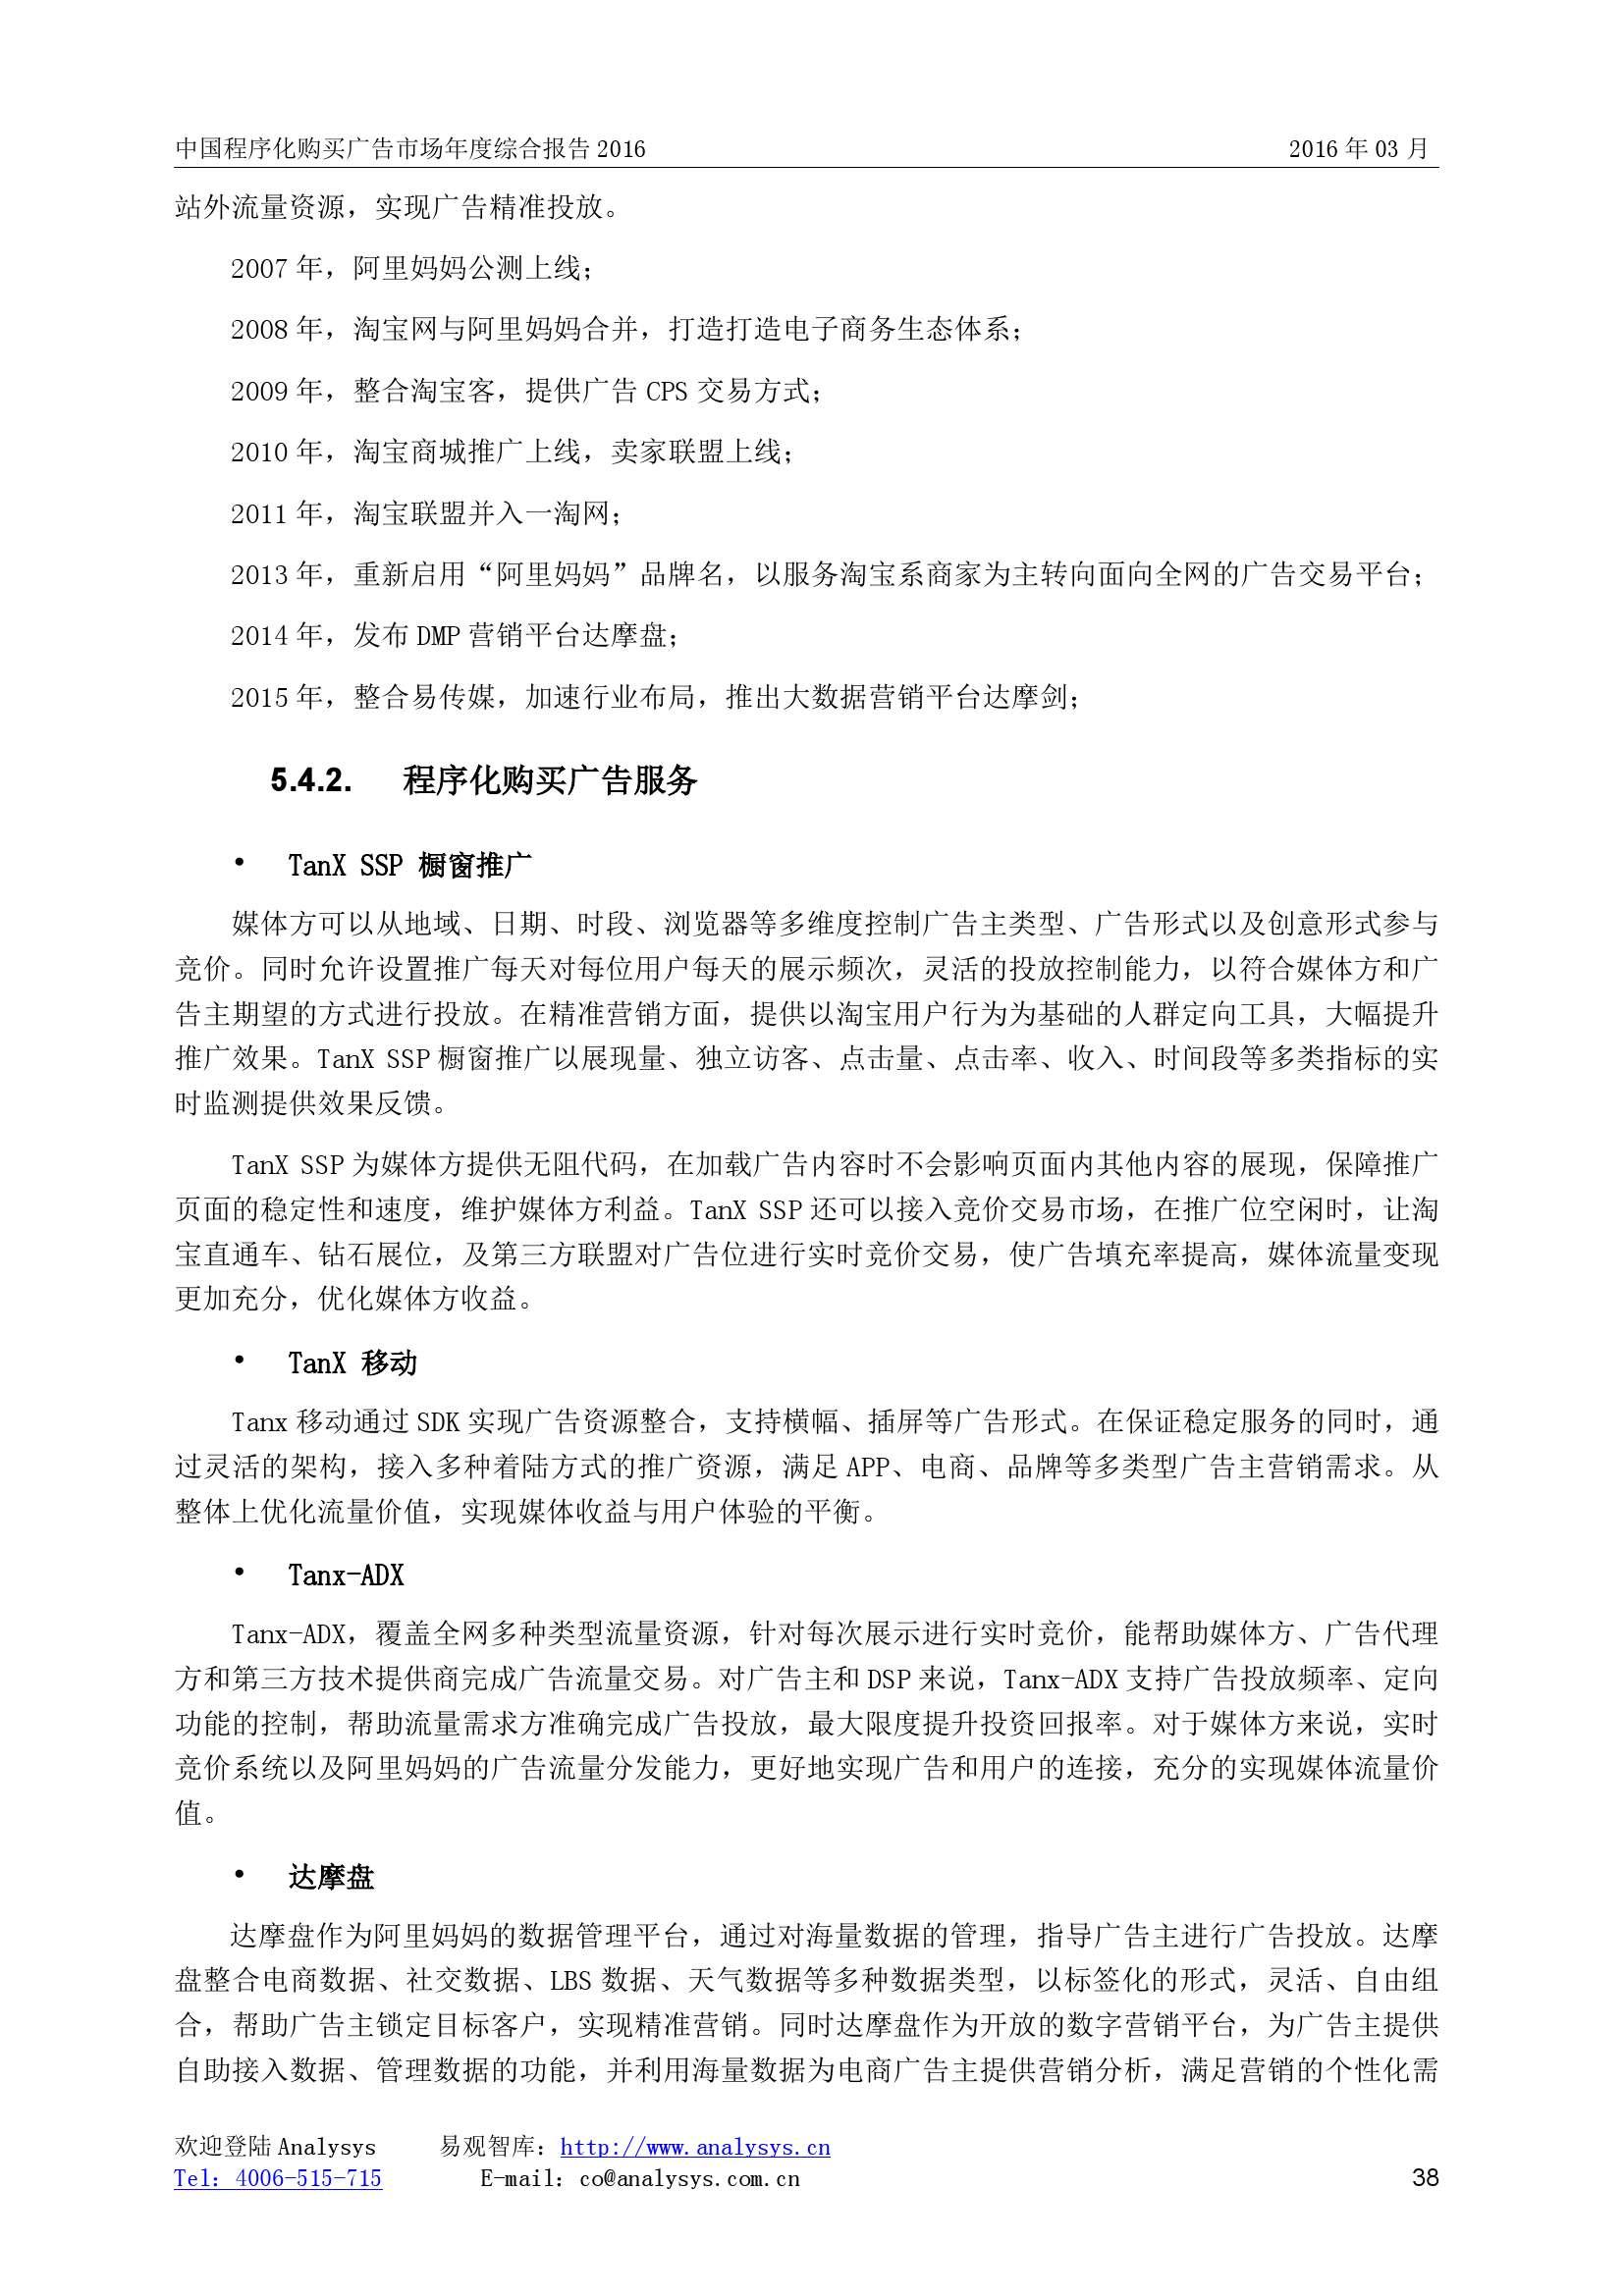 中国程序化购买广告市场年度综合报告2016_000038